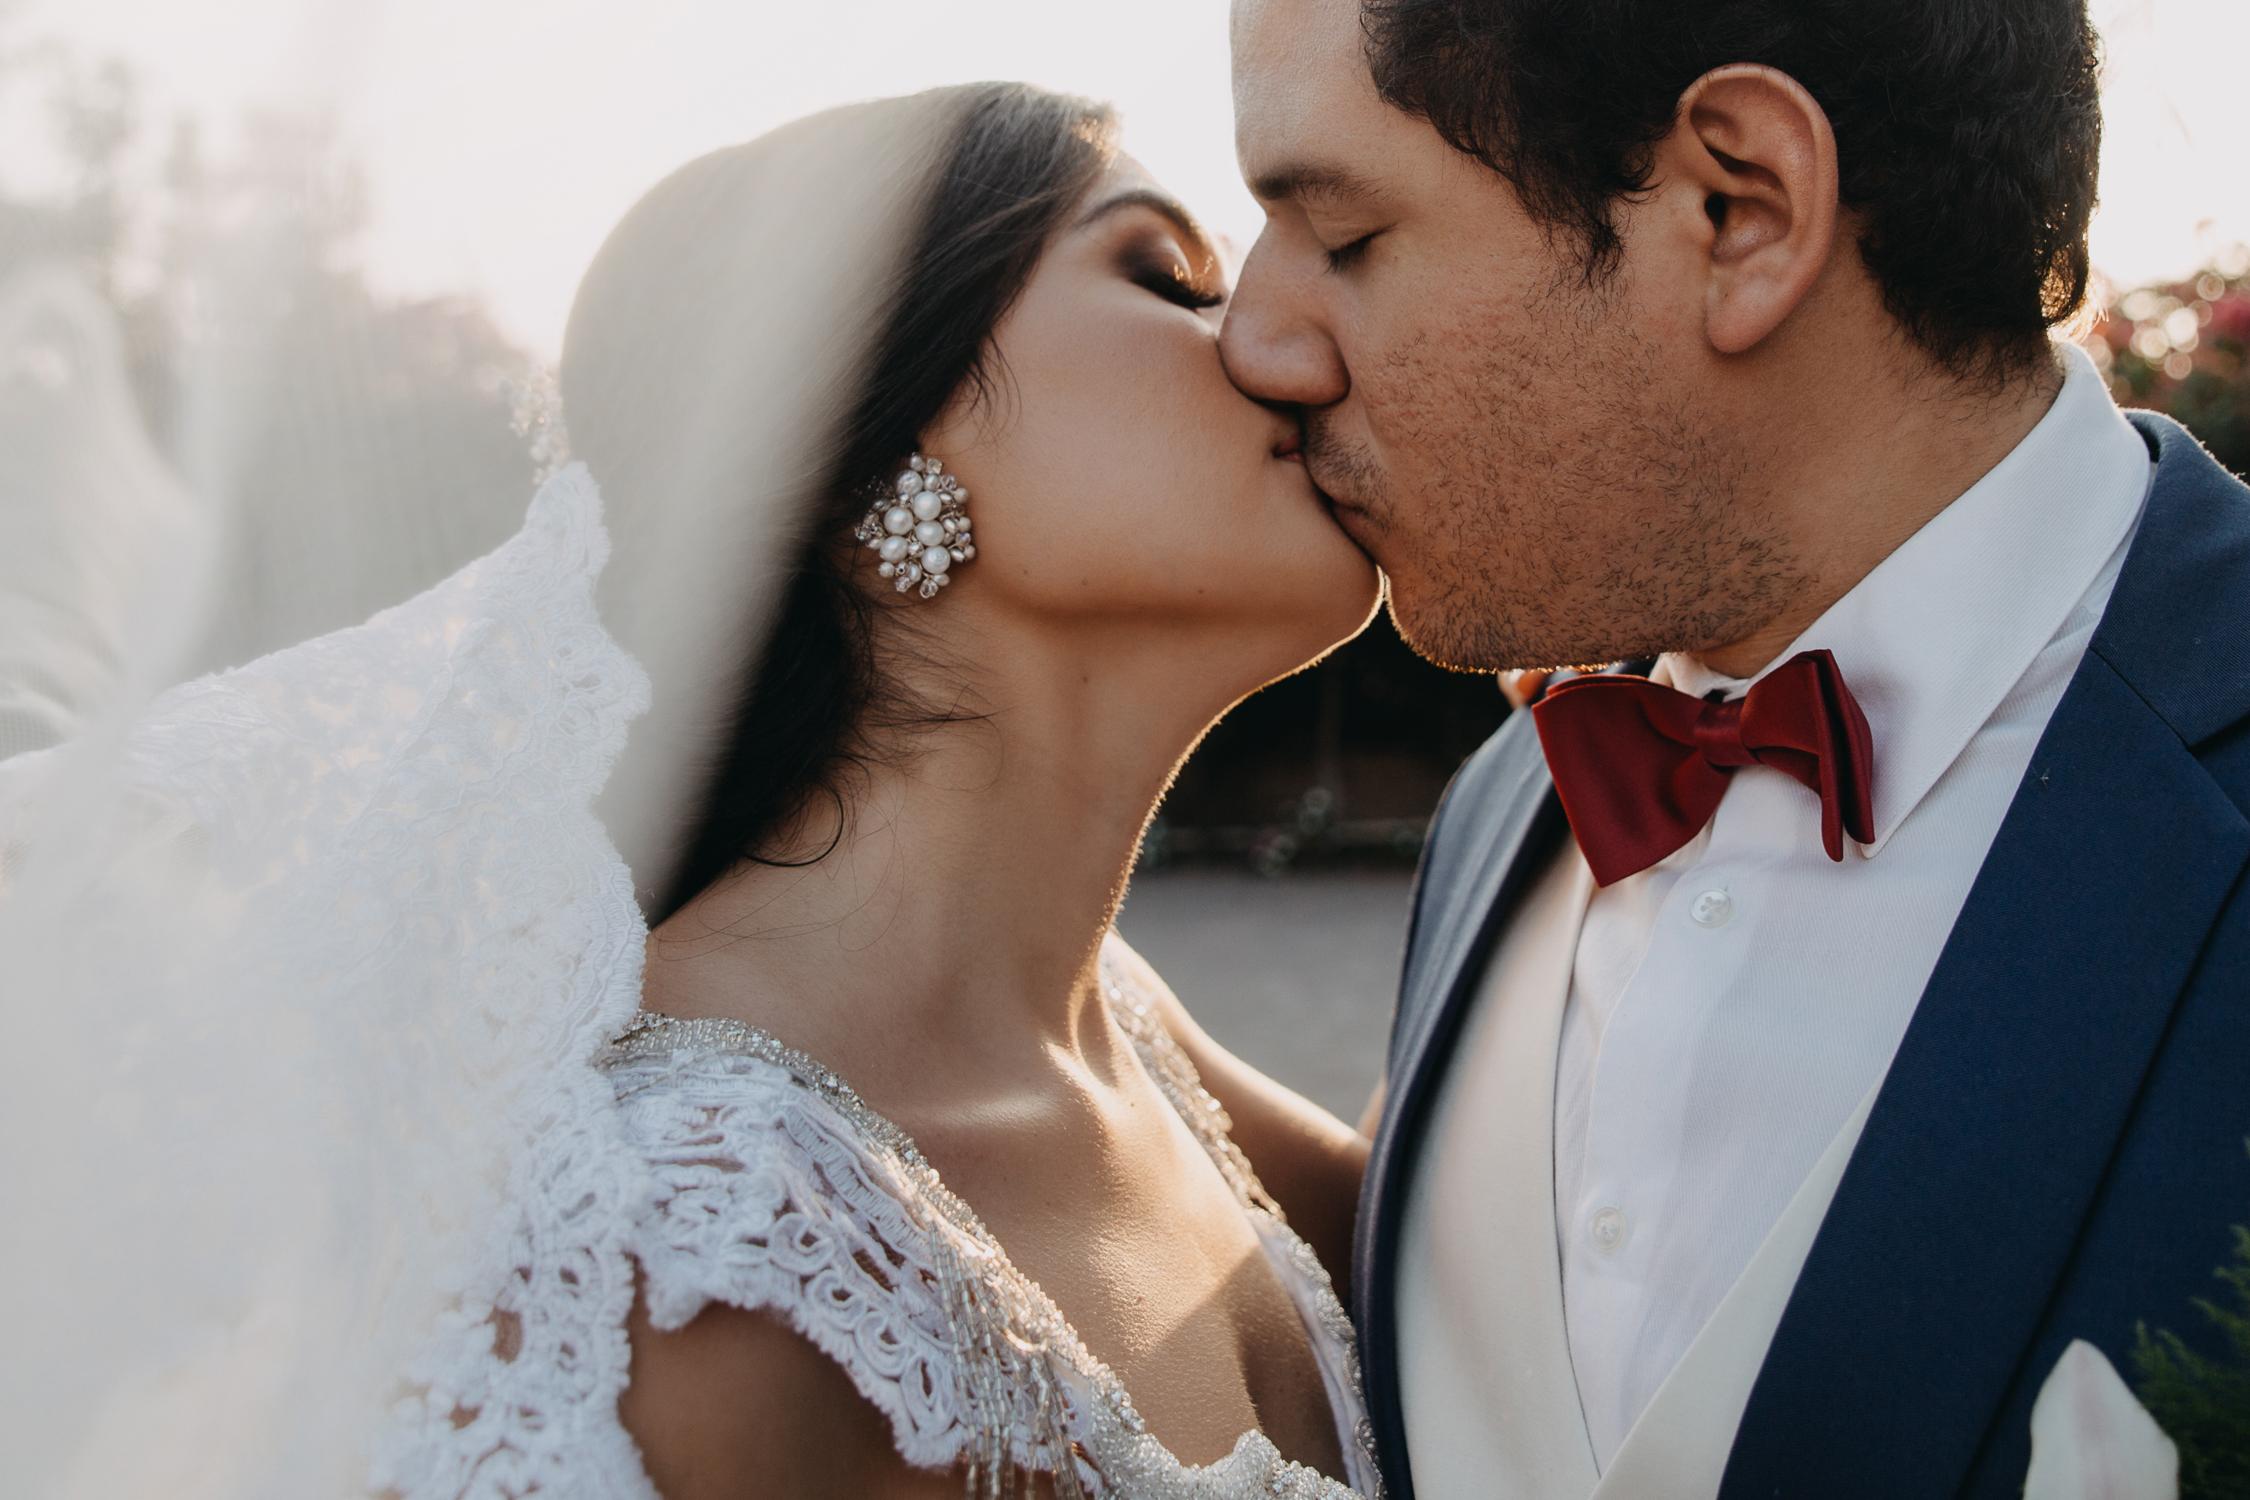 Michelle-Agurto-Fotografia-Bodas-Ecuador-Destination-Wedding-Photographer-Cristi-Luis-99.JPG